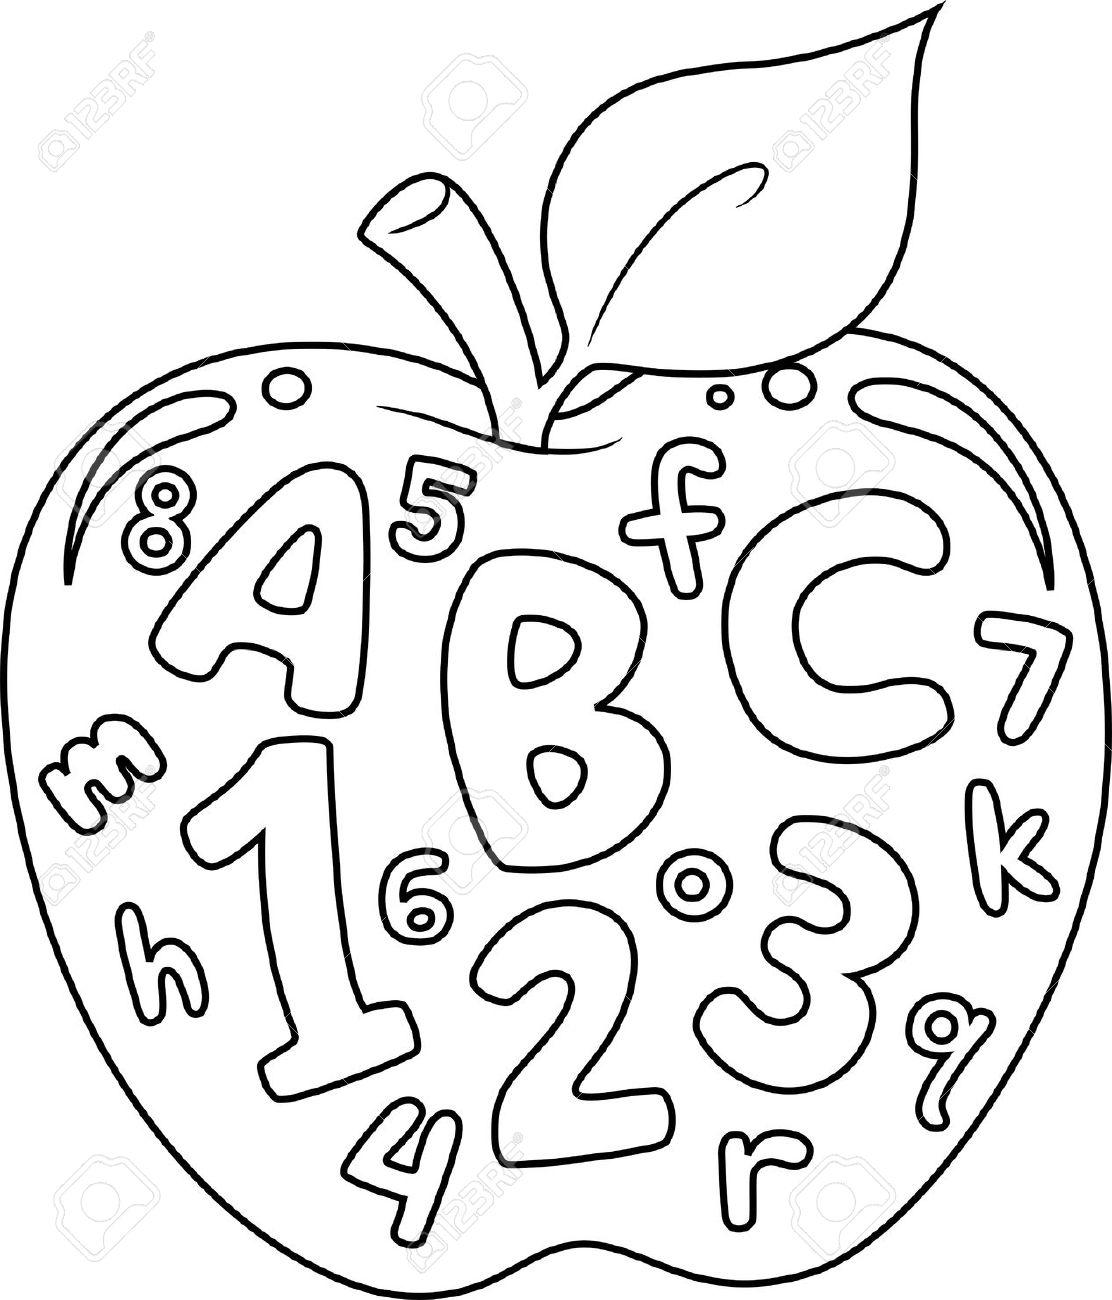 Ilustración Coloring Book Cuenta Con Una Manzana Con Números Y ...